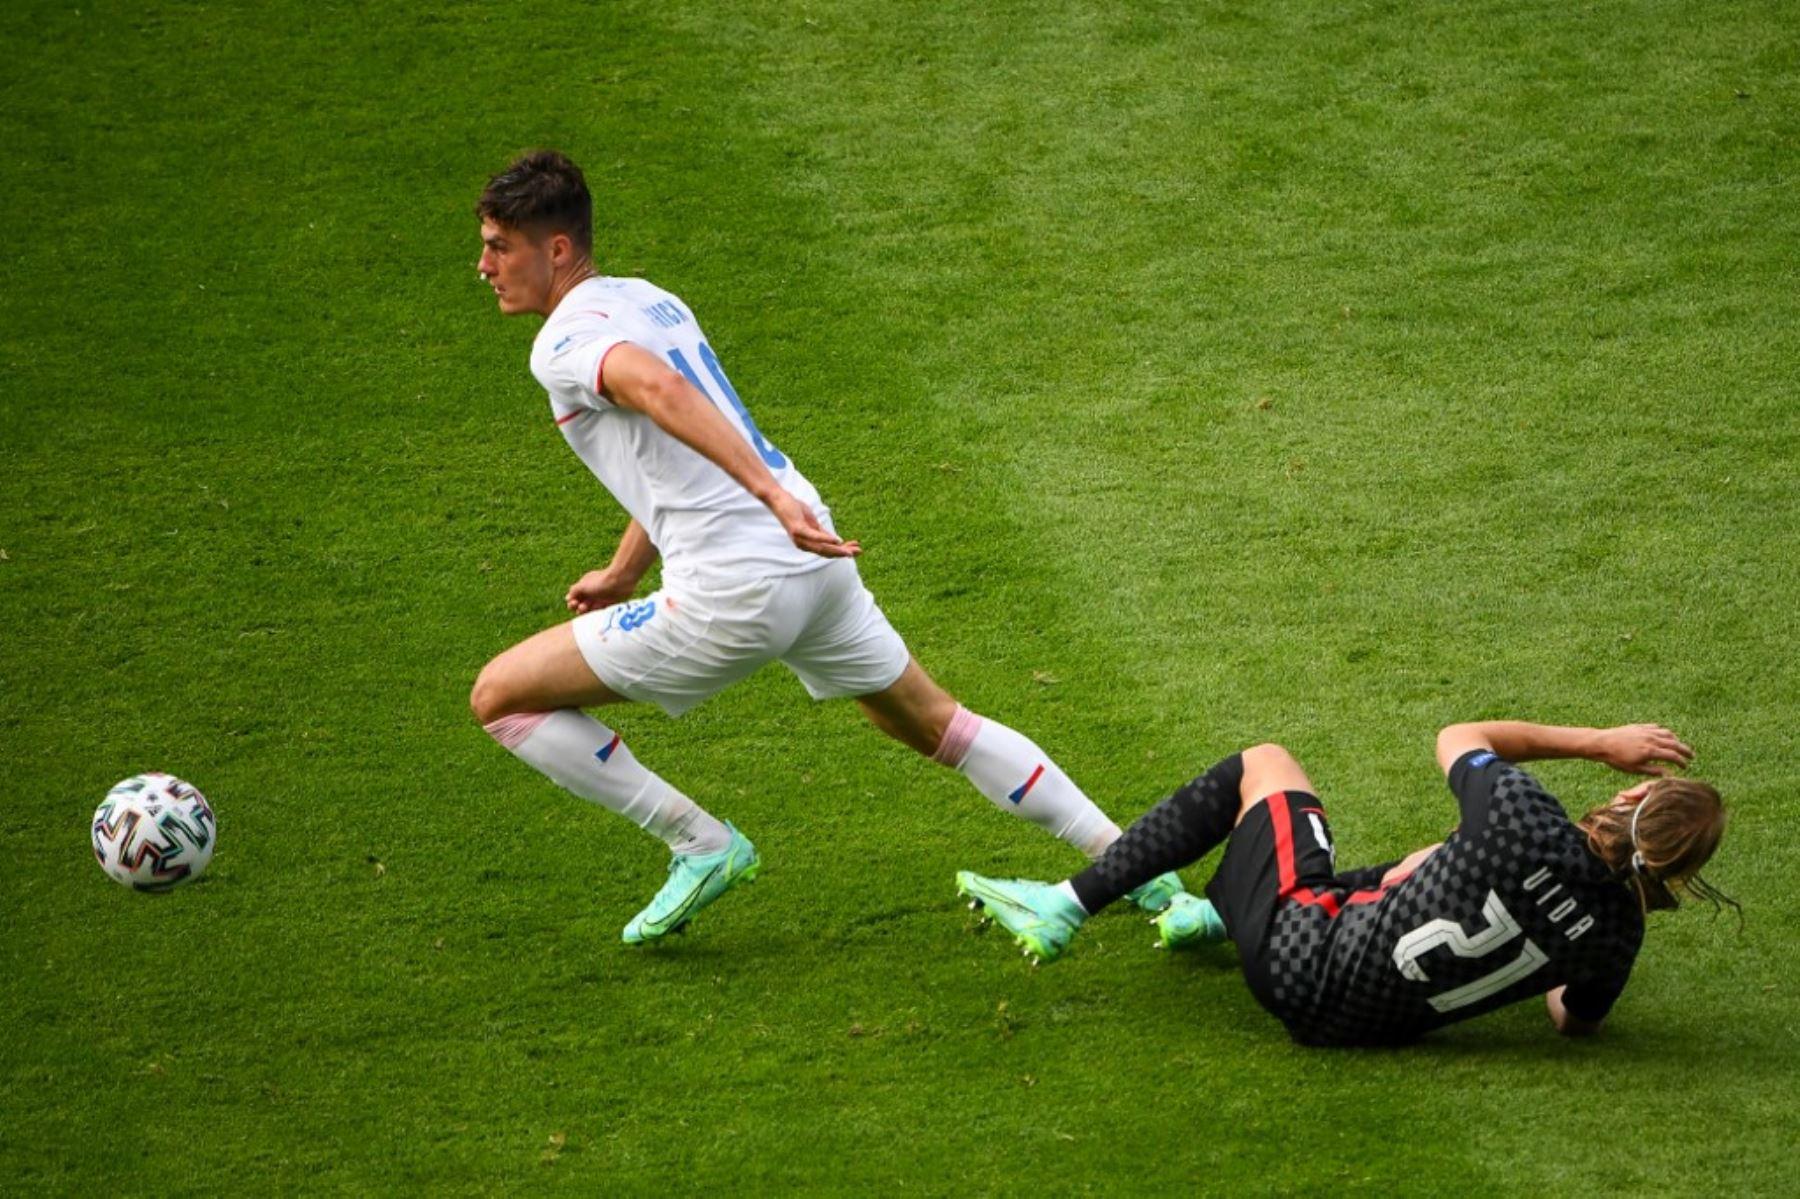 El defensor de Croacia Domagoj Vida cae junto al delantero de la República Checa Patrik Schick (L) durante el partido de fútbol del Grupo D de la UEFA EURO 2020 entre Croacia y la República Checa en Hampden Park en Glasgow el 18 de junio de 2021. Foto: AFP